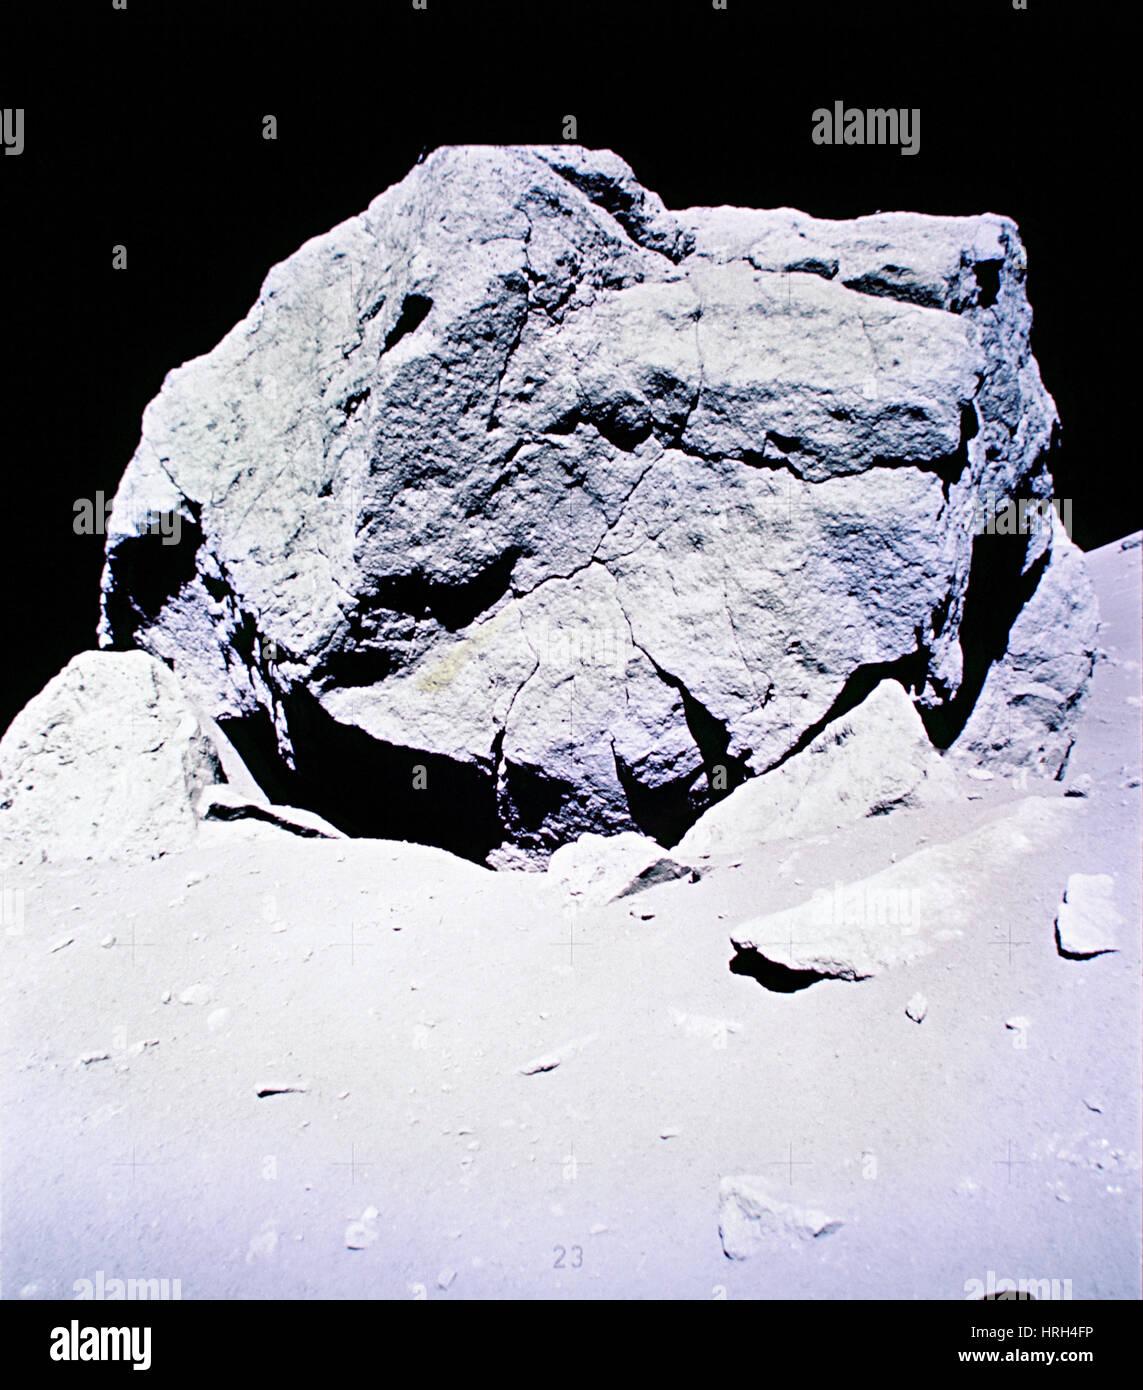 Apollo mission 17 - Stock Image